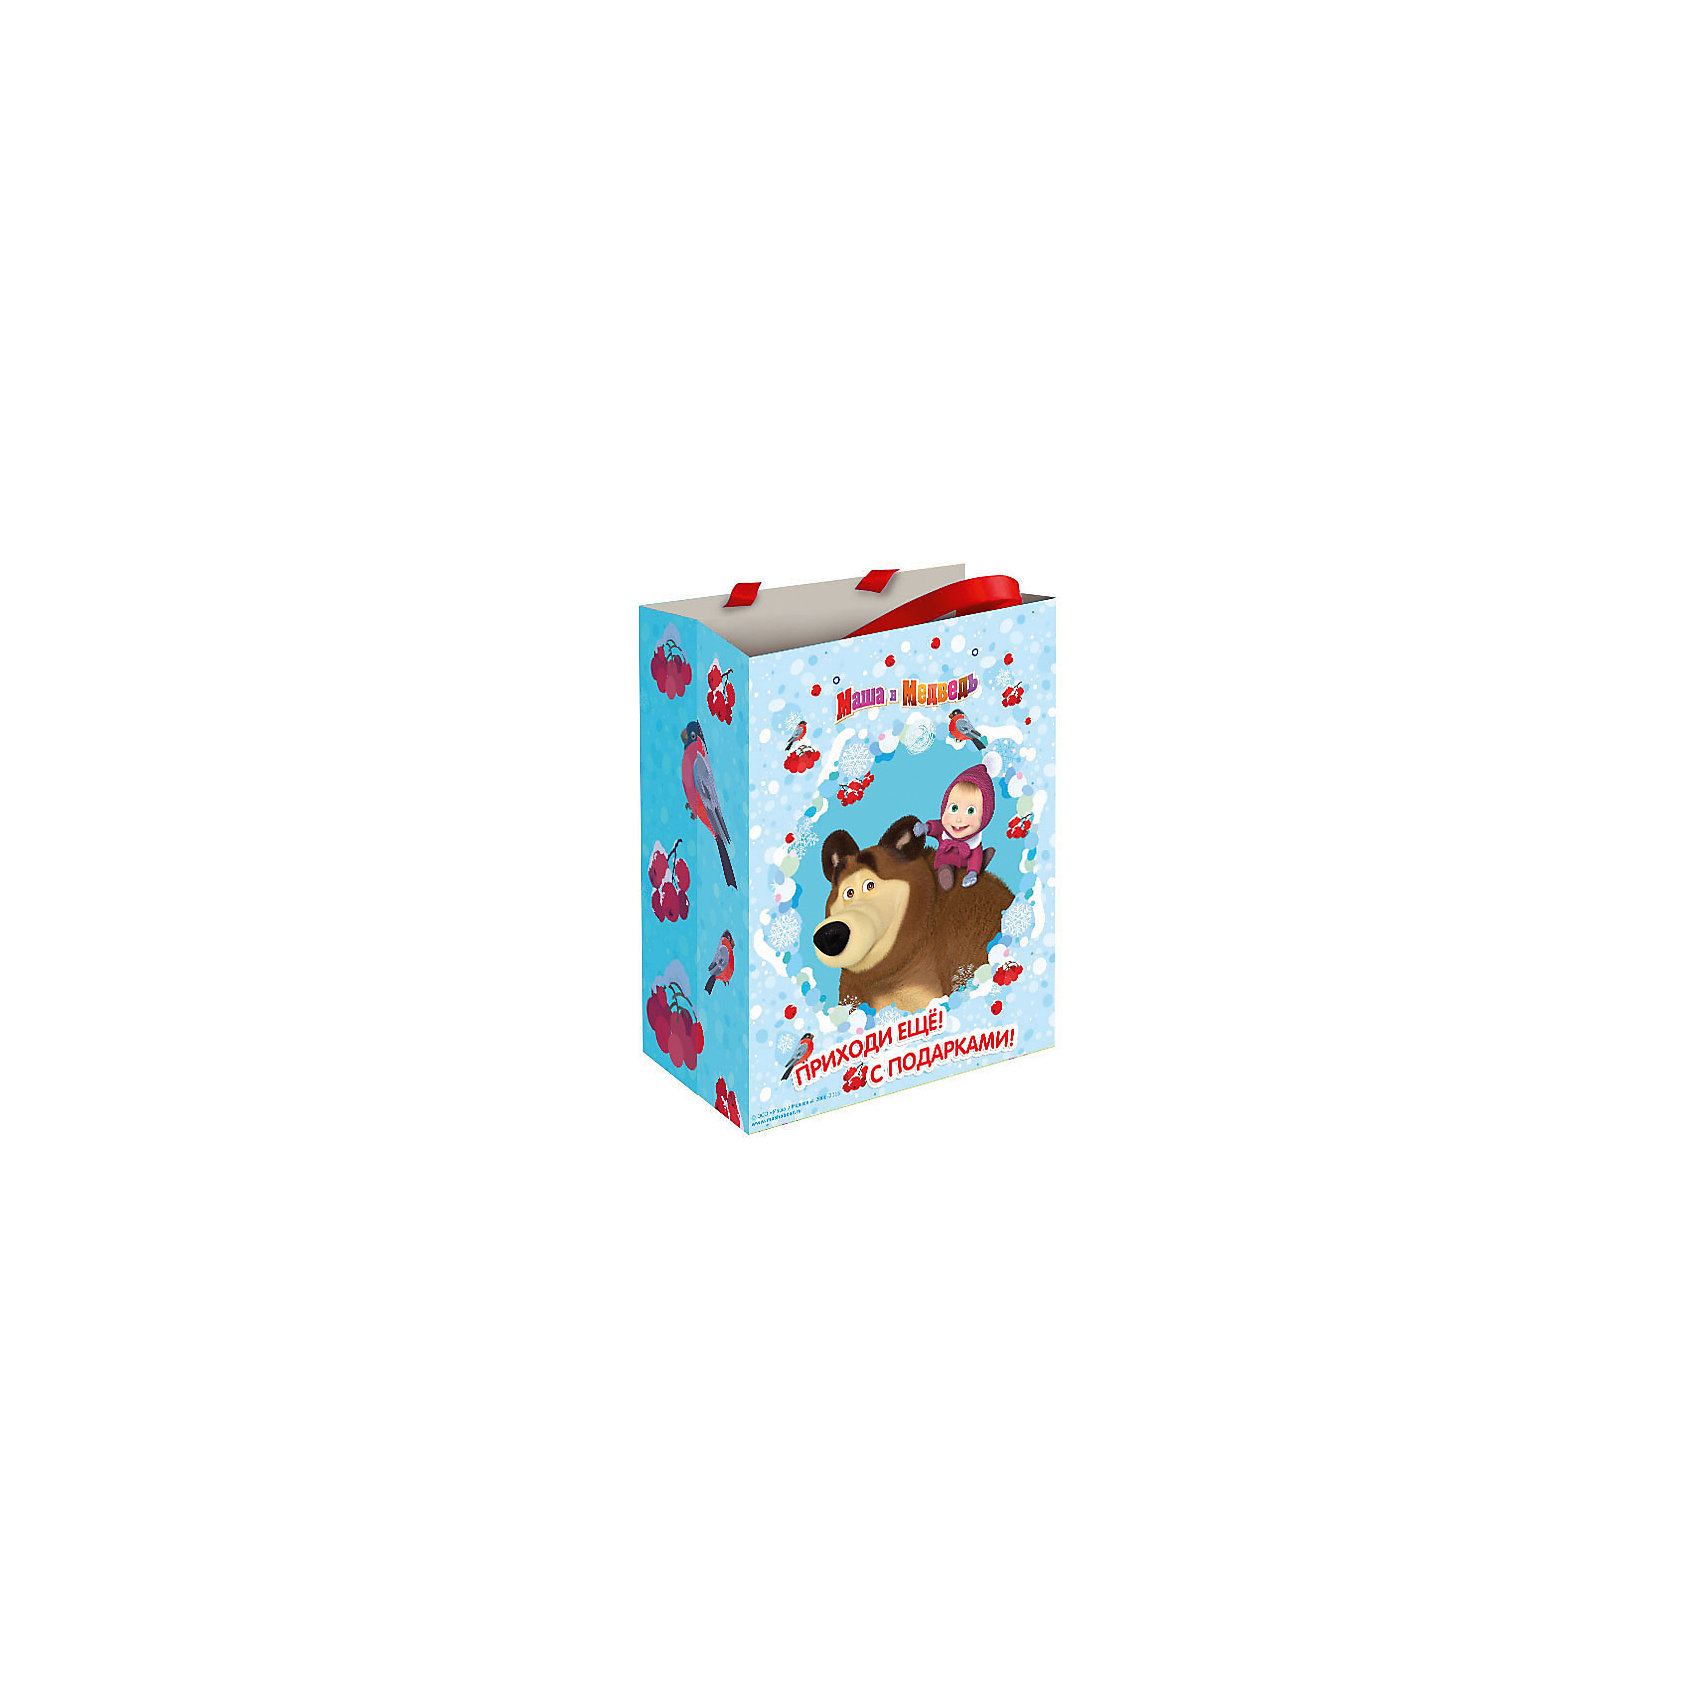 Подарочный пакет Маша зимой 23*18*10 смНовинки для детской<br>Подарочный пакет Маша зимой 23*18*10 см – этот аксессуар станет незаменимым дополнением к выбранному подарку.<br>Яркий подарочный пакет «Маша зимой» с очаровательными героями мультфильма «Маша и Медведь» празднично украсит новогодний подарок для маленькой девочки и сделает его эффектным и запоминающимся. Для удобной переноски на пакете имеются две ручки из ленты.<br><br>Дополнительная информация:<br><br>- Размер: 23х18х10 см.<br>- Материал: бумага<br><br>Подарочный пакет Маша зимой 23*18*10 см можно купить в нашем интернет-магазине.<br><br>Ширина мм: 230<br>Глубина мм: 180<br>Высота мм: 5<br>Вес г: 51<br>Возраст от месяцев: 36<br>Возраст до месяцев: 84<br>Пол: Женский<br>Возраст: Детский<br>SKU: 4278381